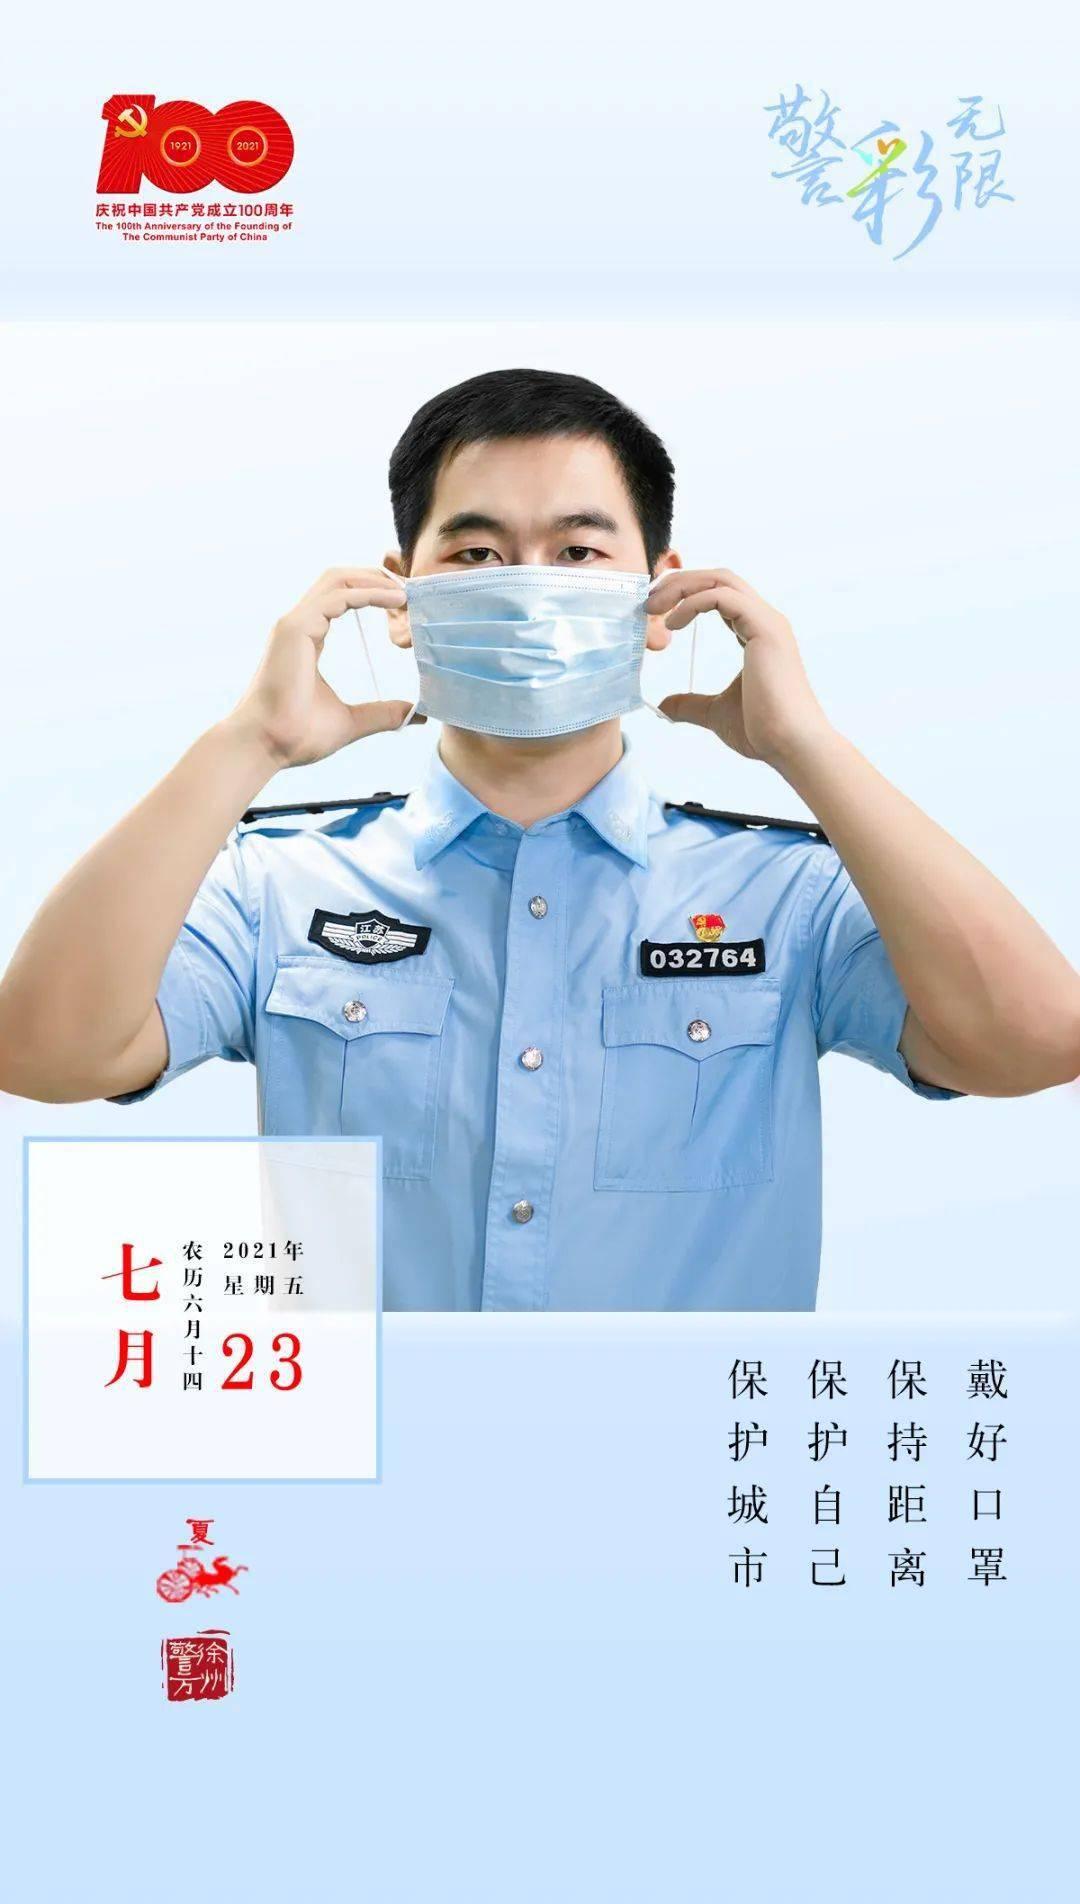 戴好口罩,保持距离。保护自己,保护城市丨早安,徐州!